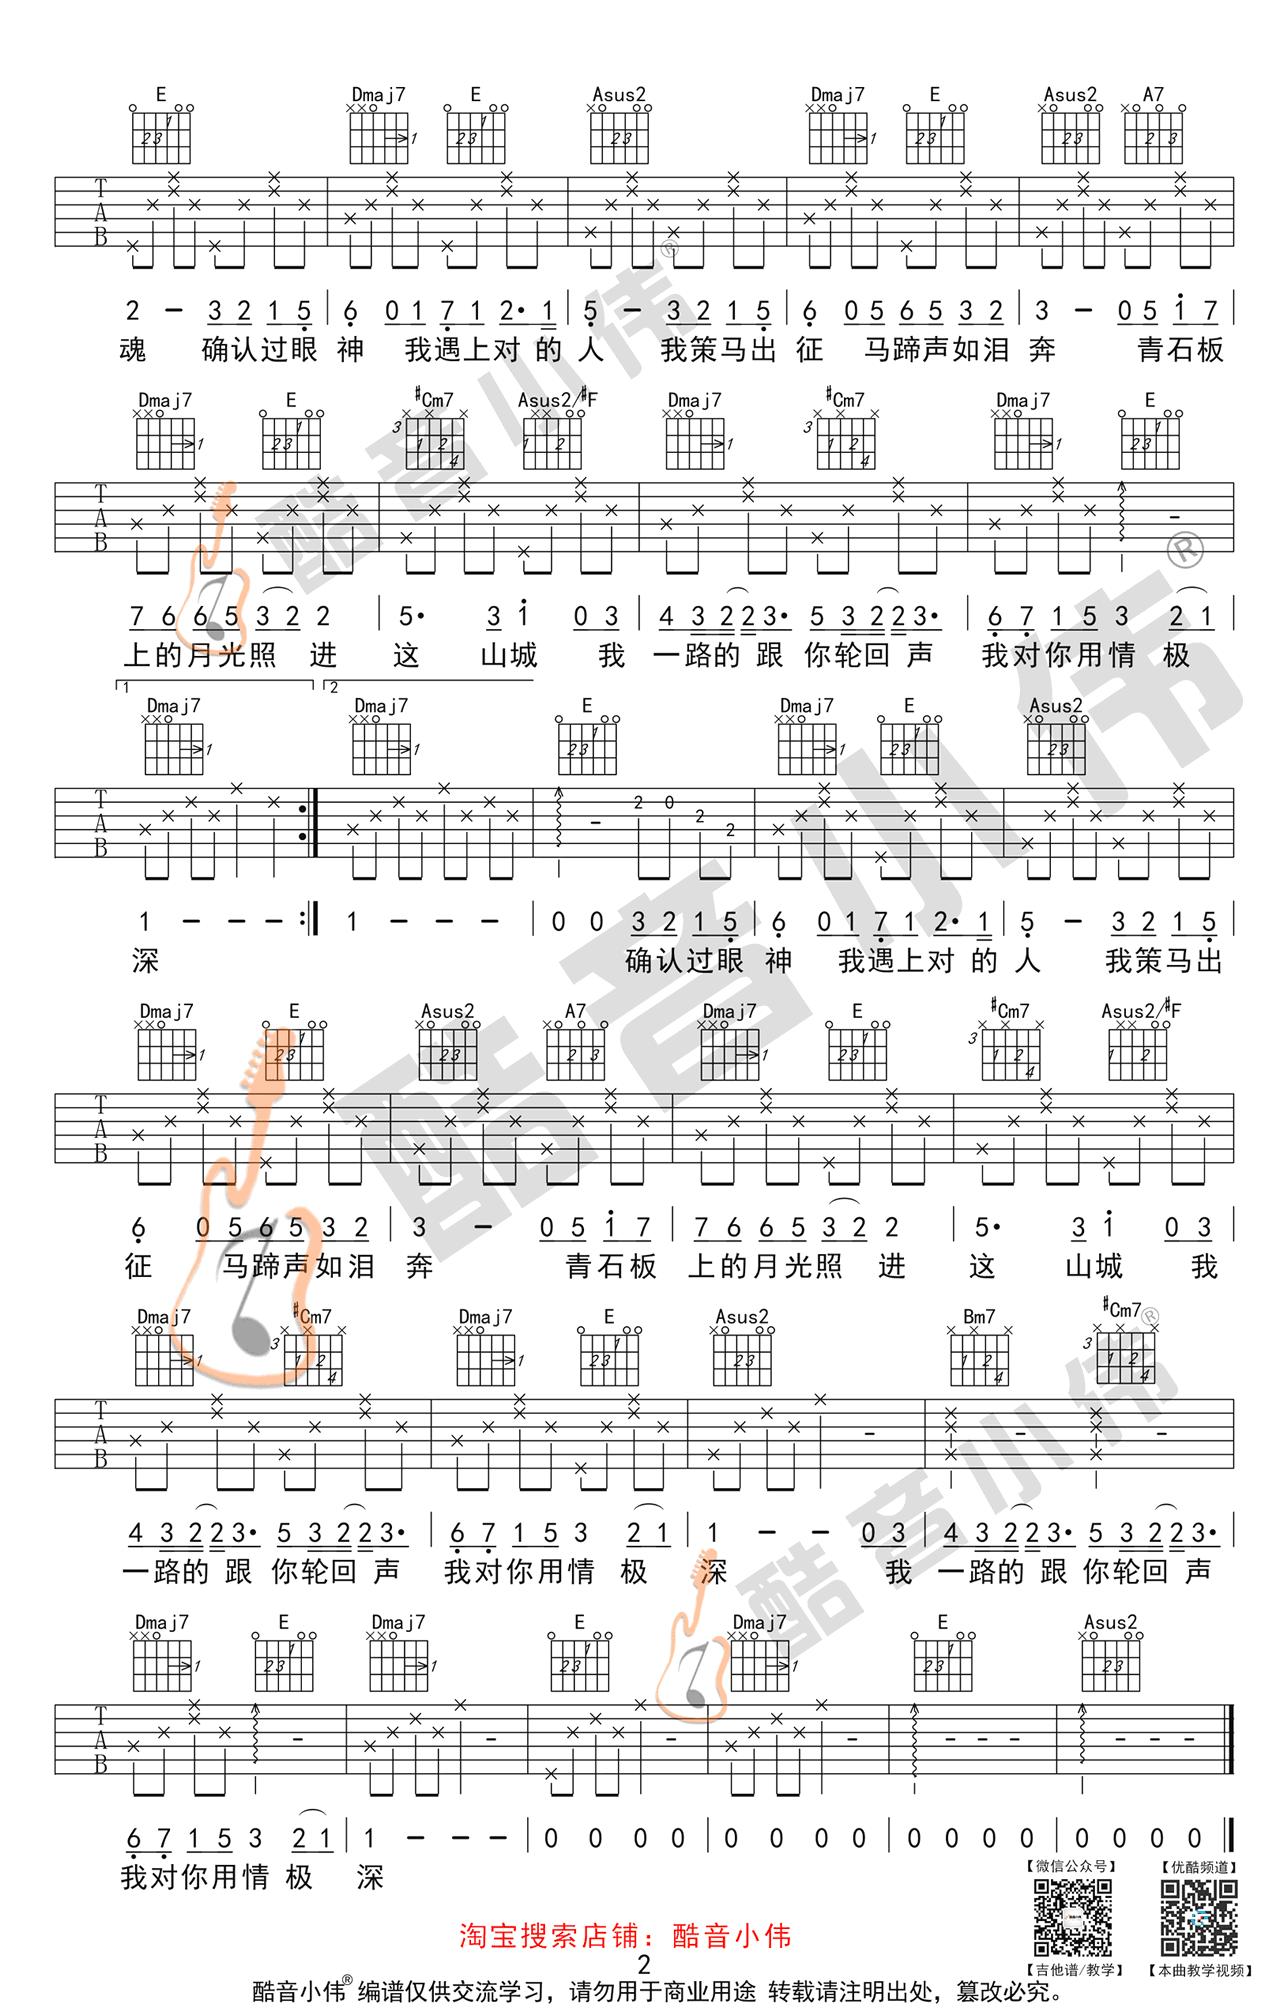 林俊杰《醉赤壁》吉他谱 A调简单版弹唱谱